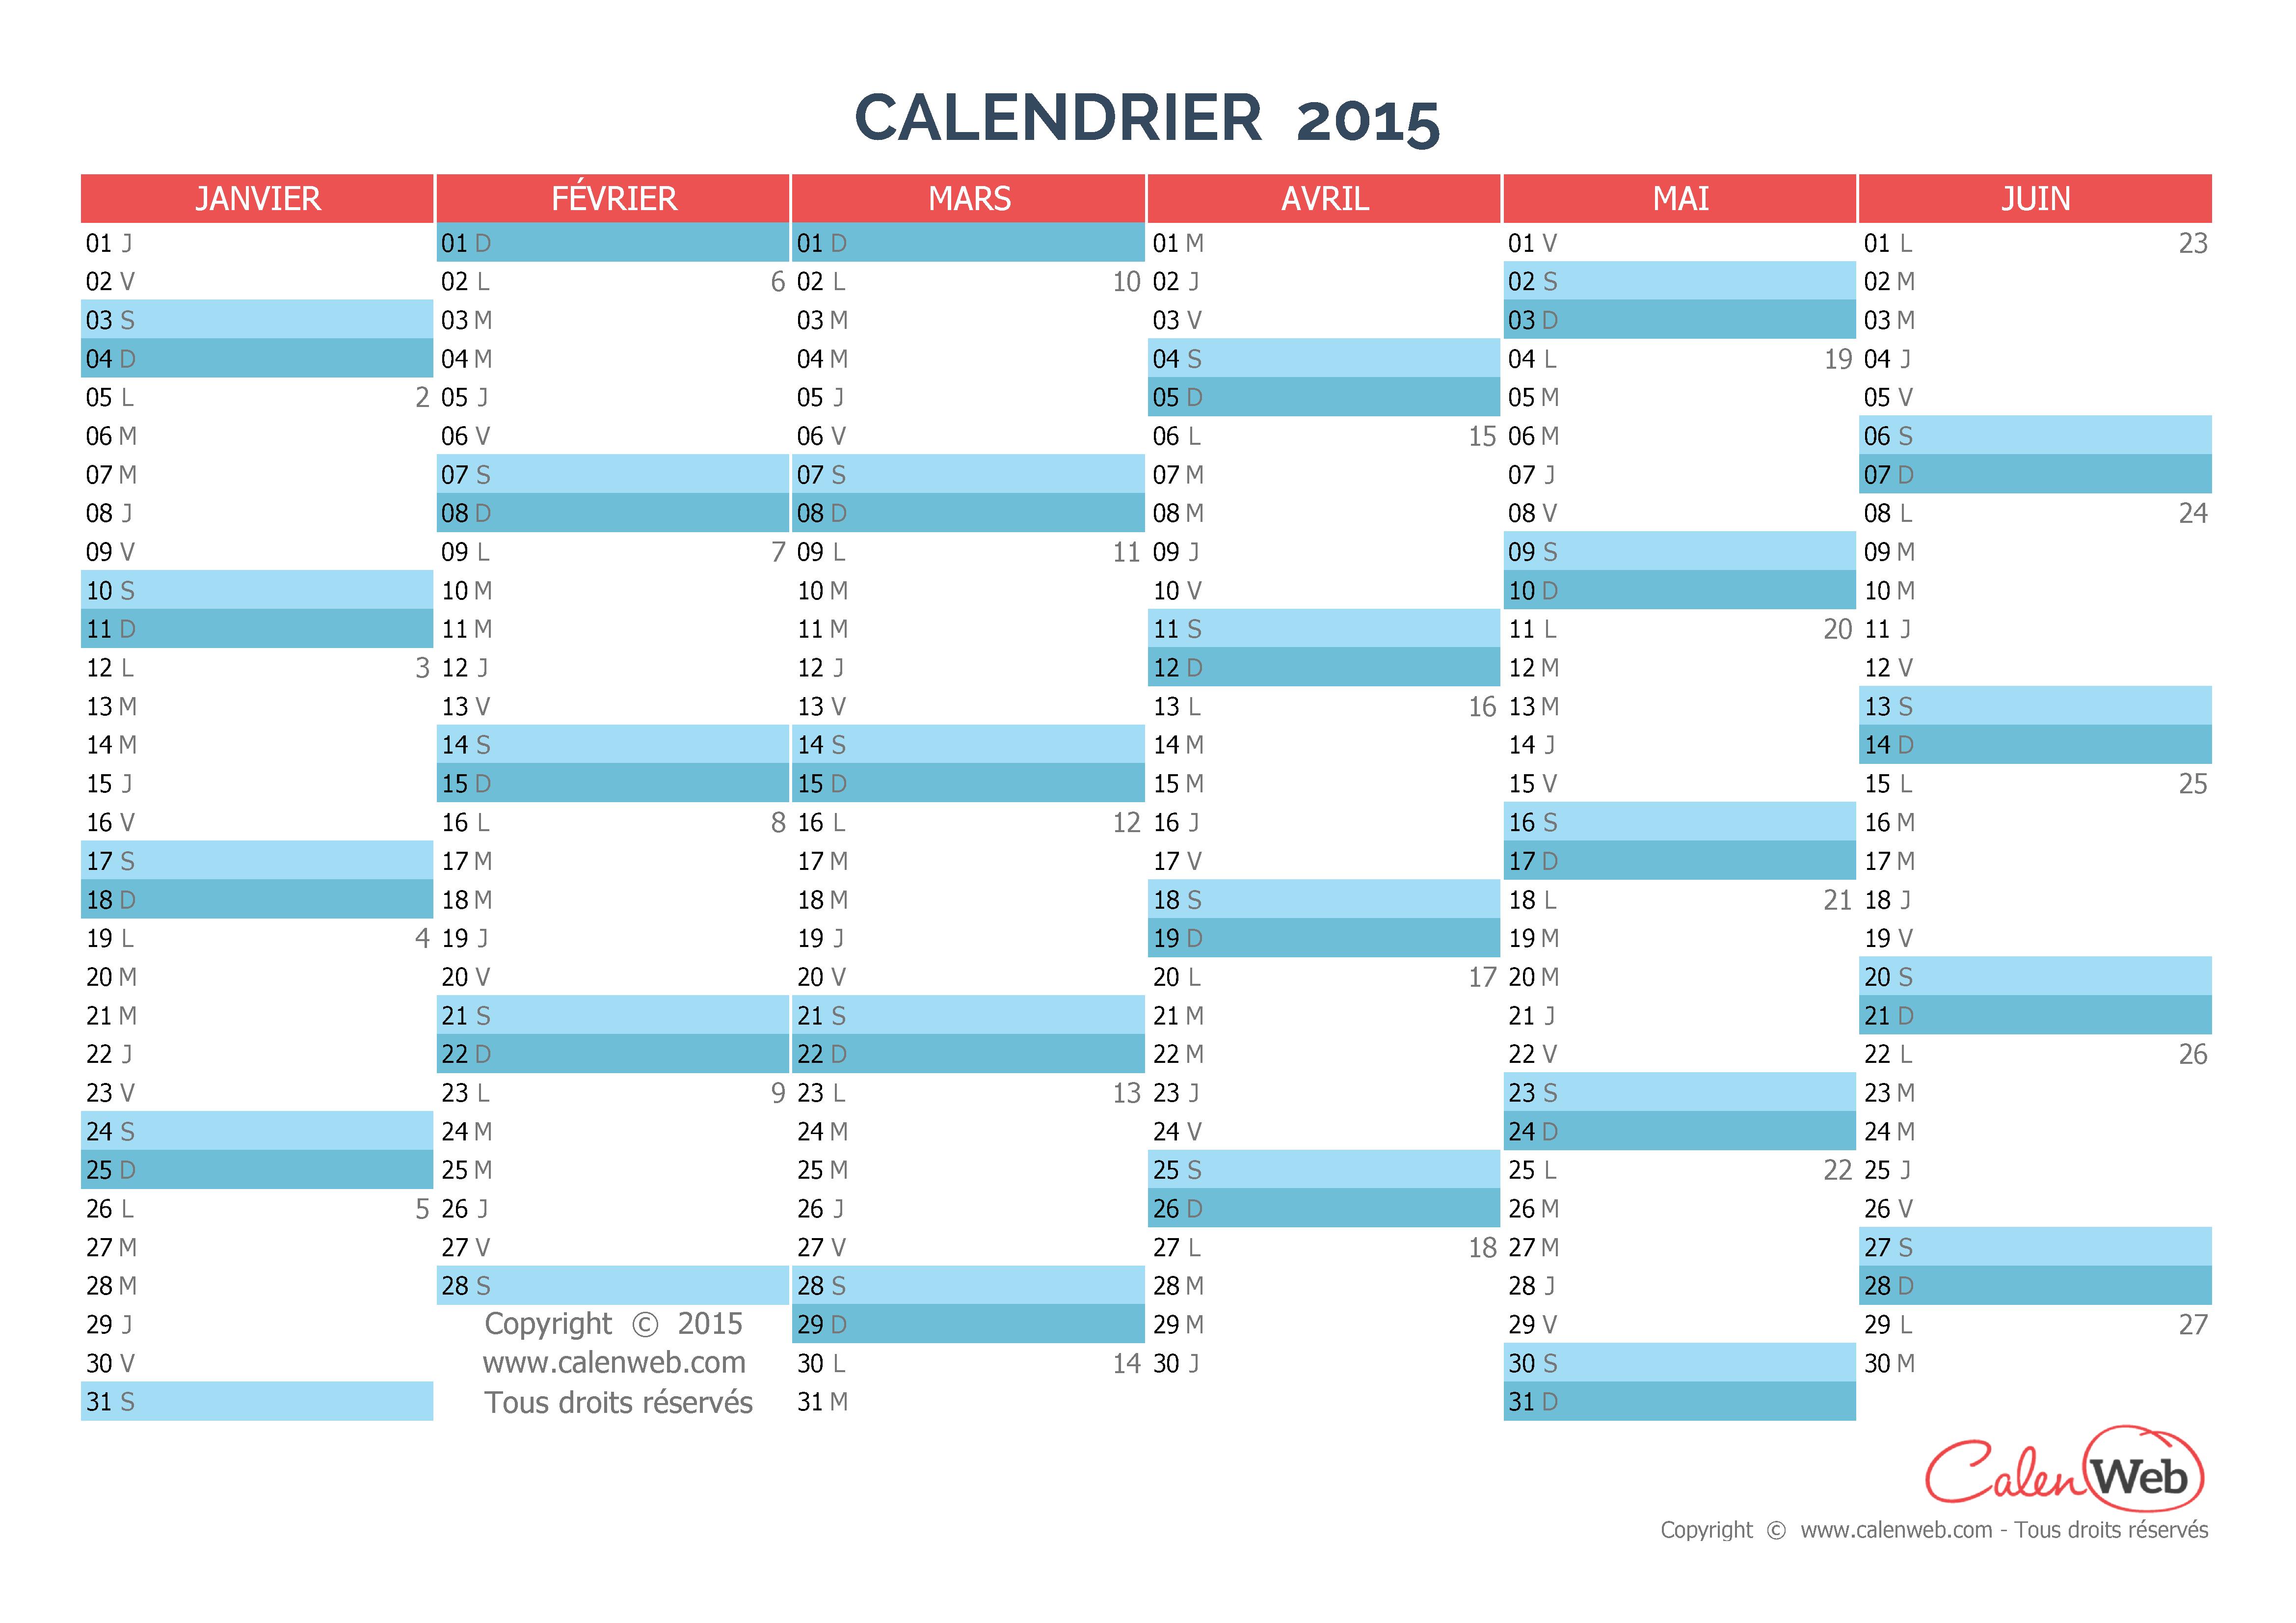 Calendrier semestriel 2015 gratuit imprimer pictures for Calendrier mural gratuit